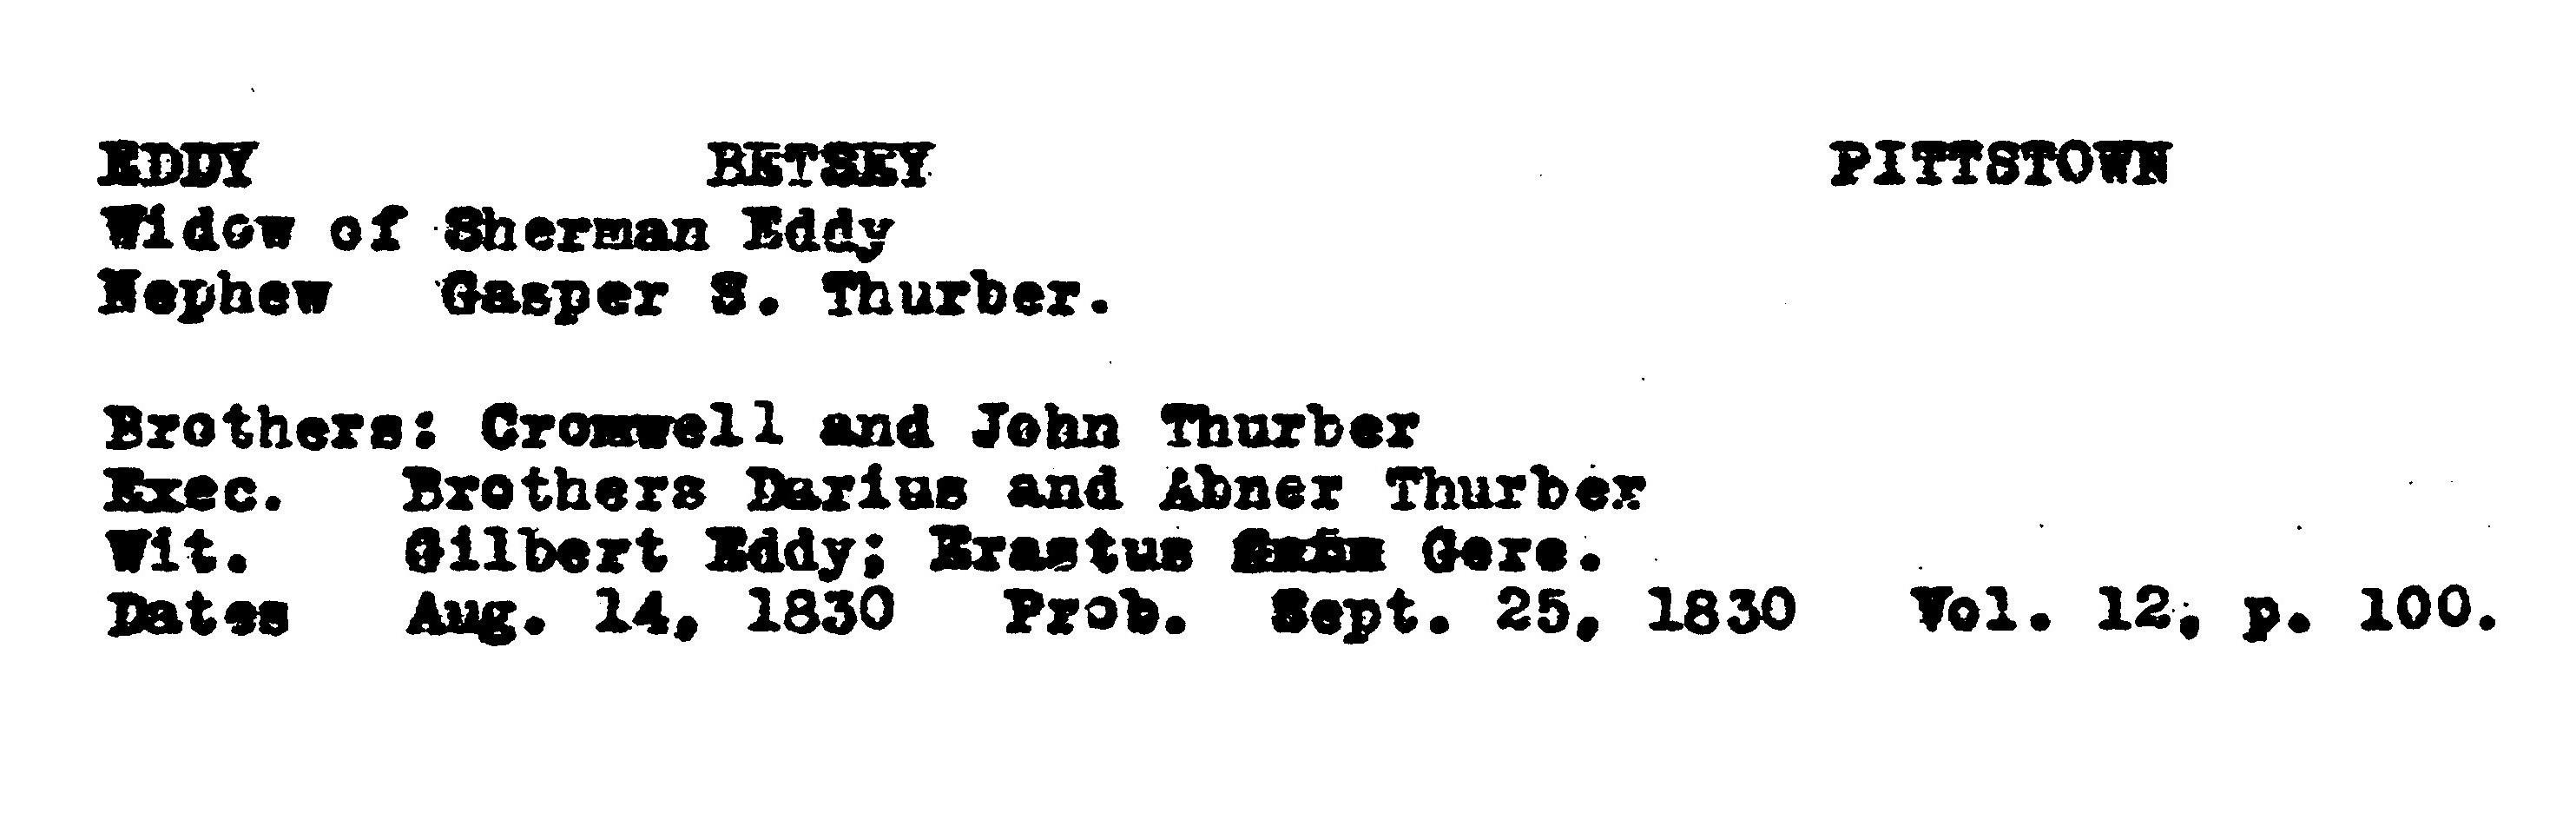 Abner Thurber